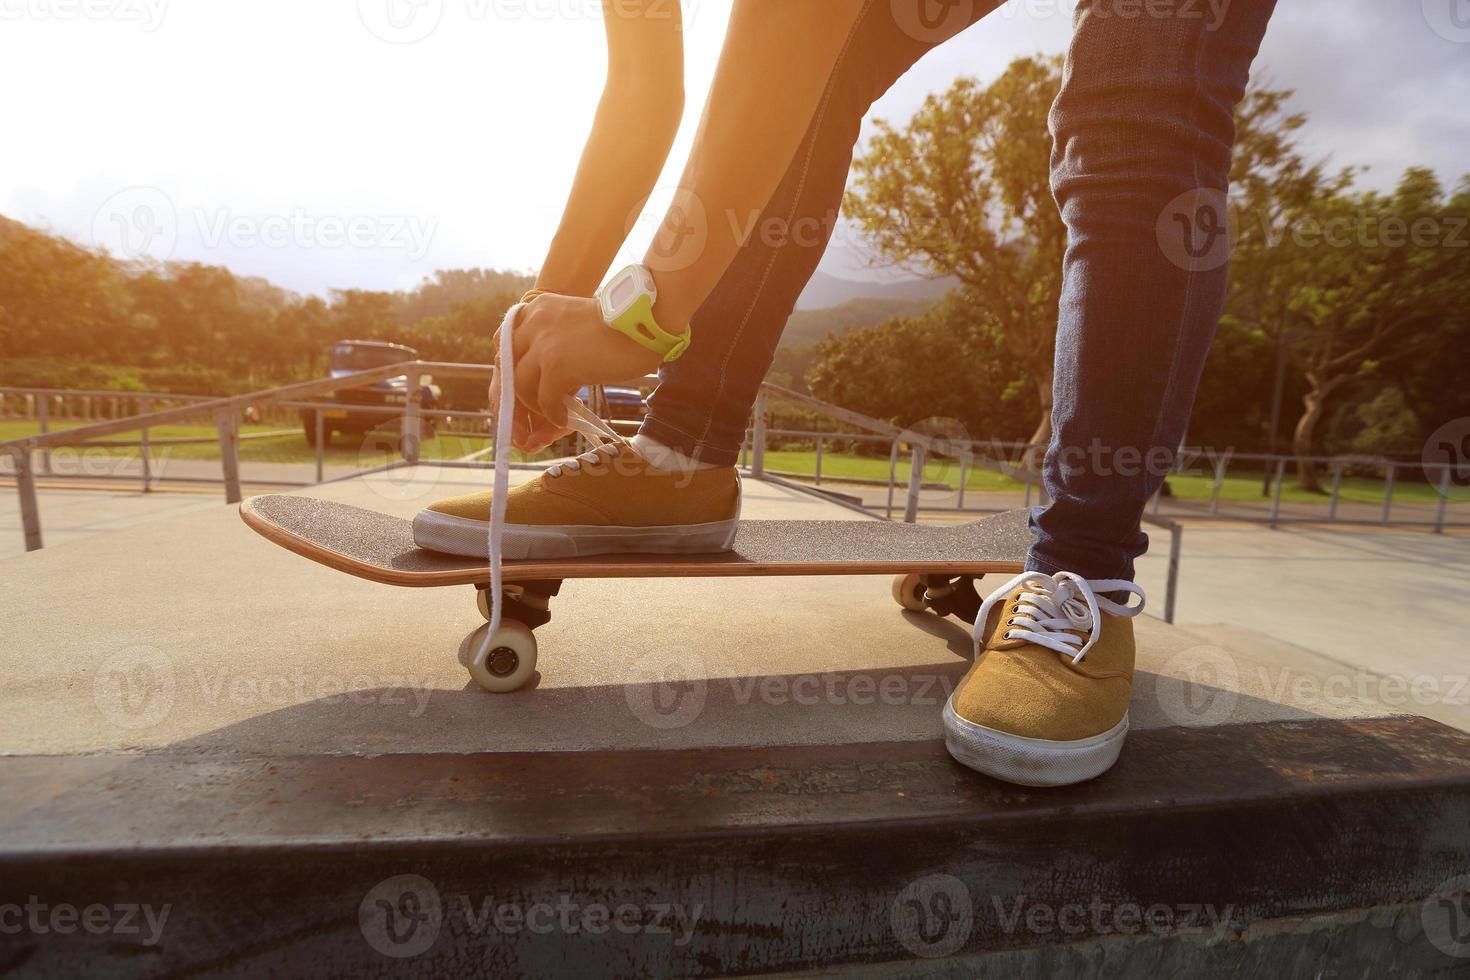 Skateboader mains attachant lacet sur planche à roulettes photo